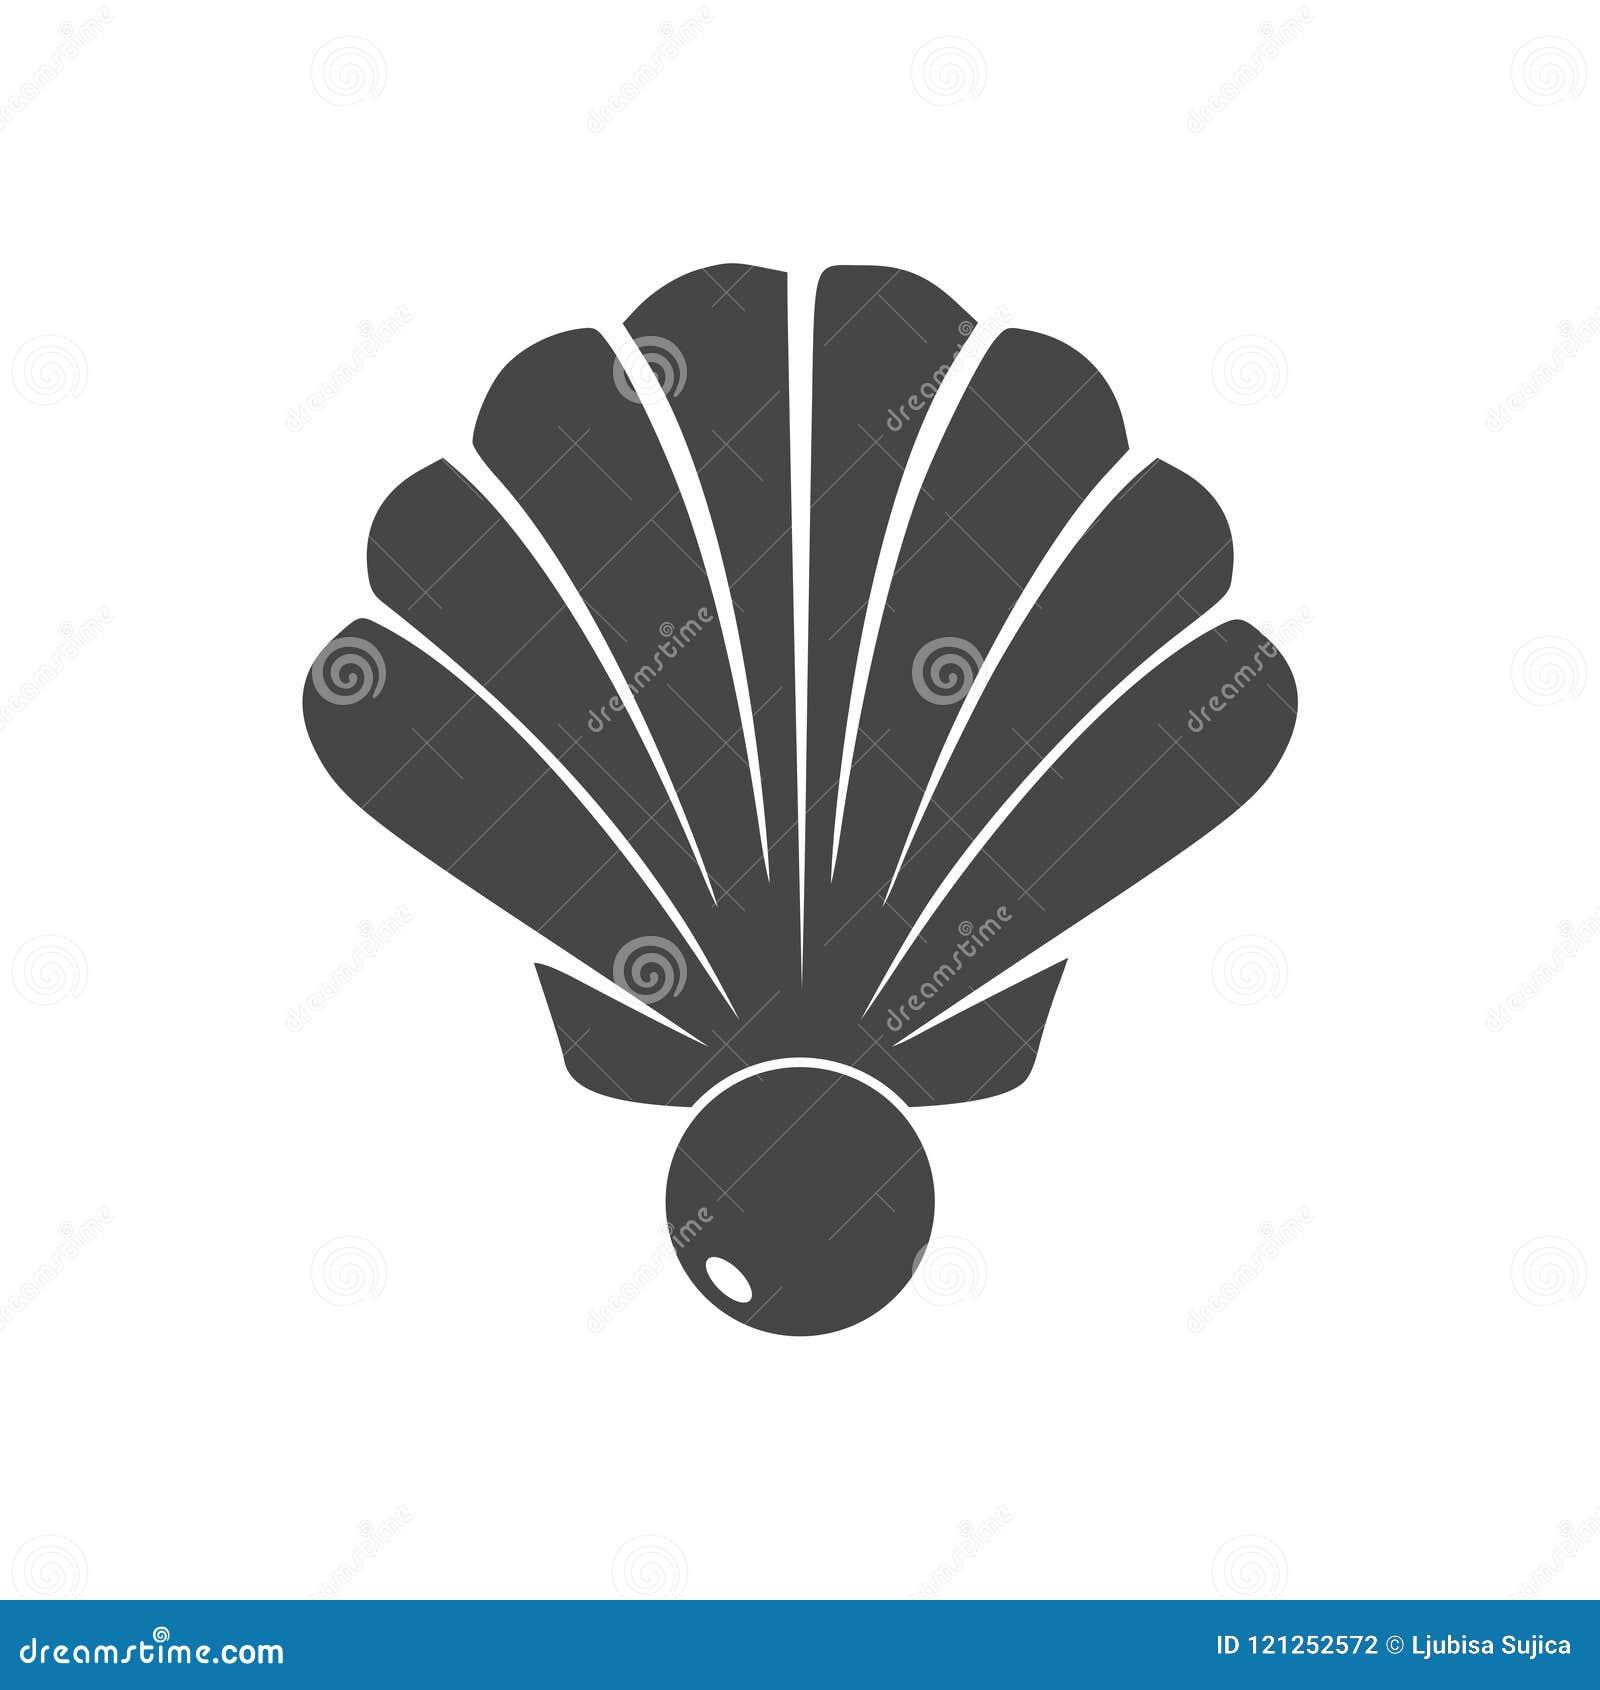 Abra o shell com um ícone da pérola